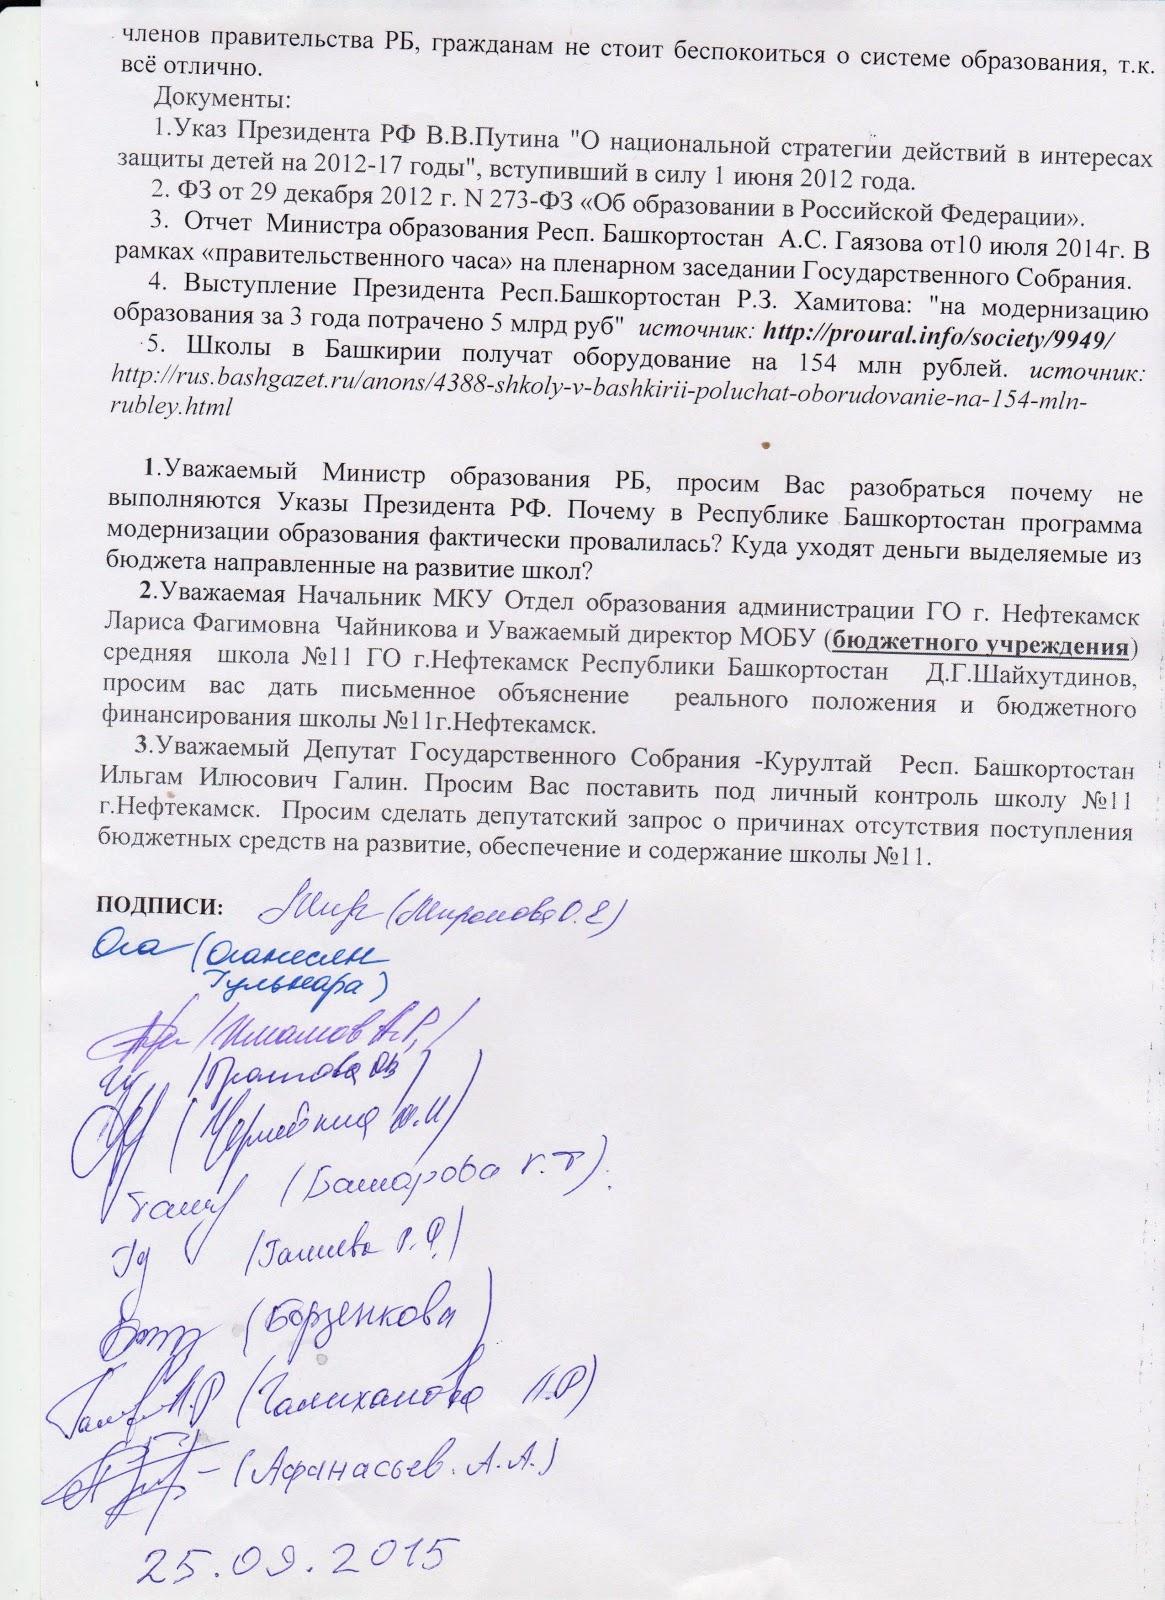 Реакция после моего обращения по обеспечению бюджетных школ. Блог SHUSHNUR на HomeGate.ru